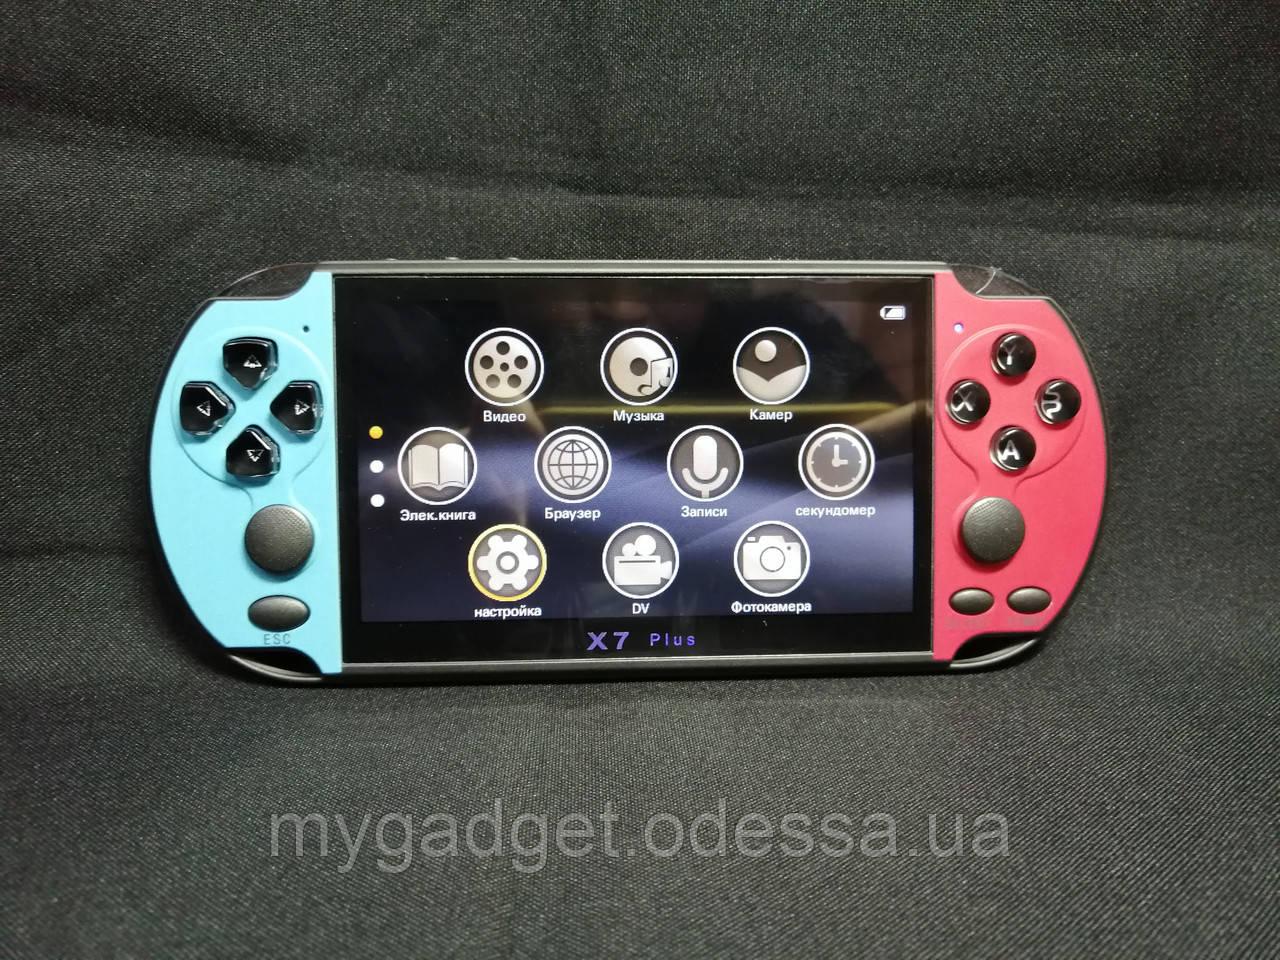 Портативная приставка Sony PSP X7 Plus Голубой + Красный 8GB / 9999 игр встроенно